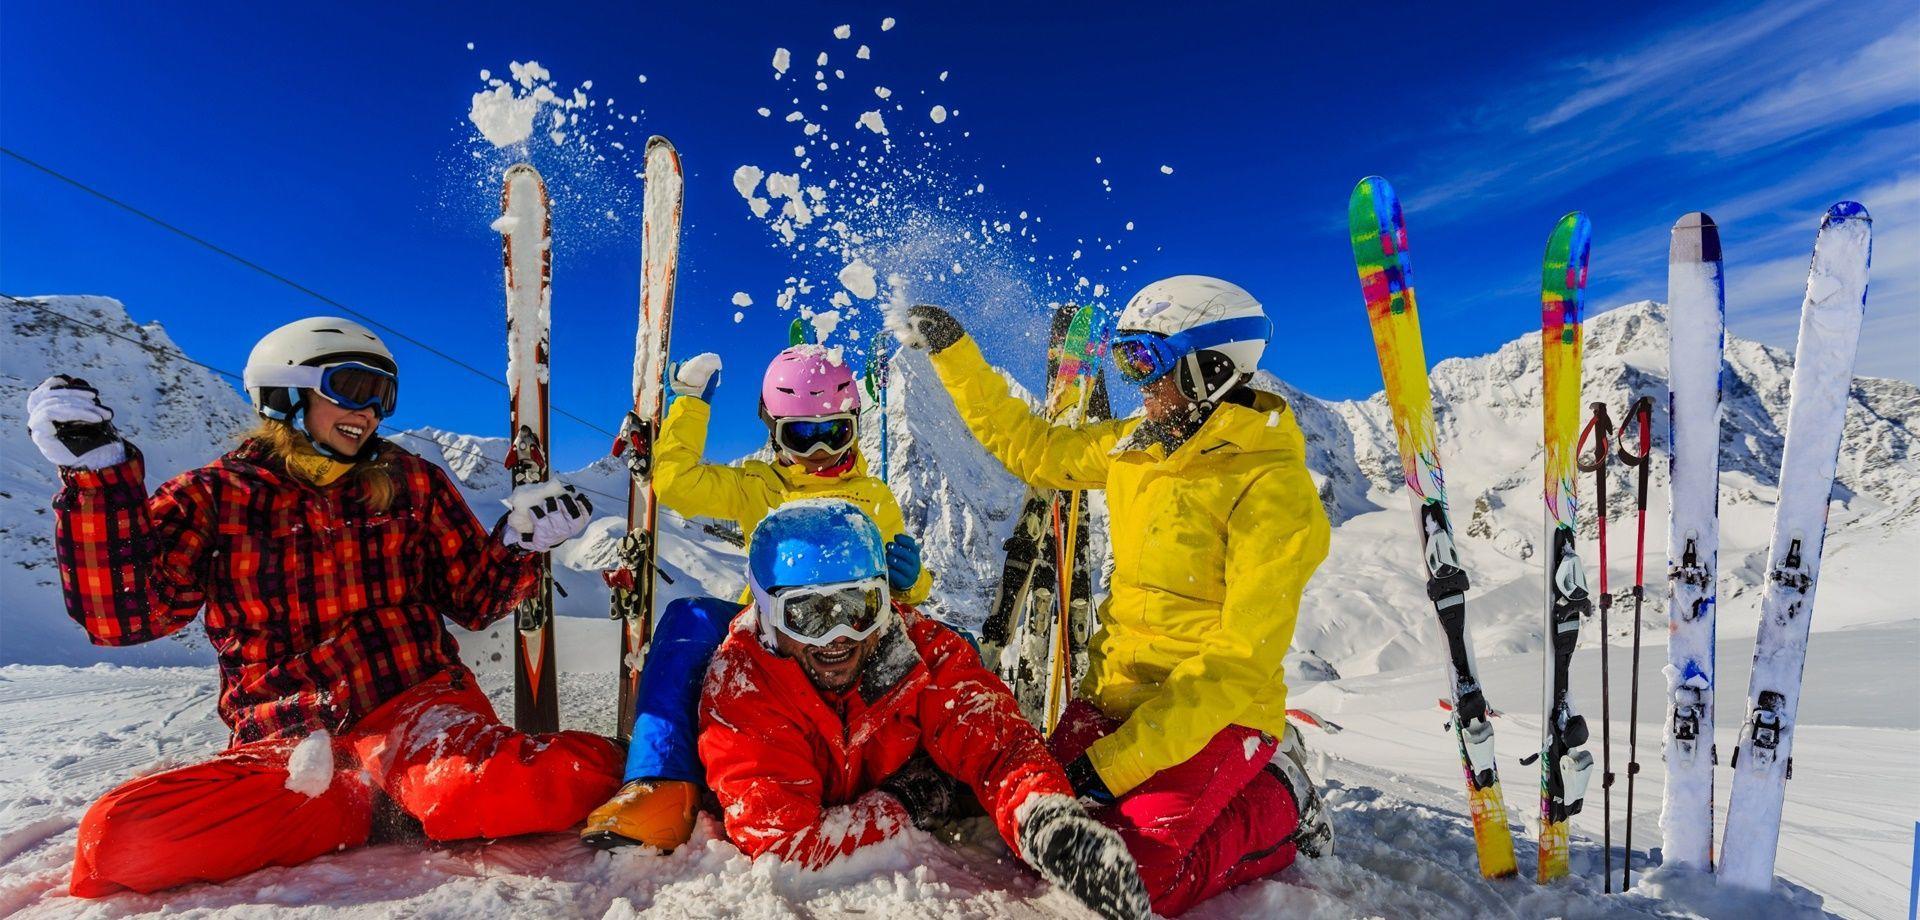 Le bonheur de passer des vacances au ski